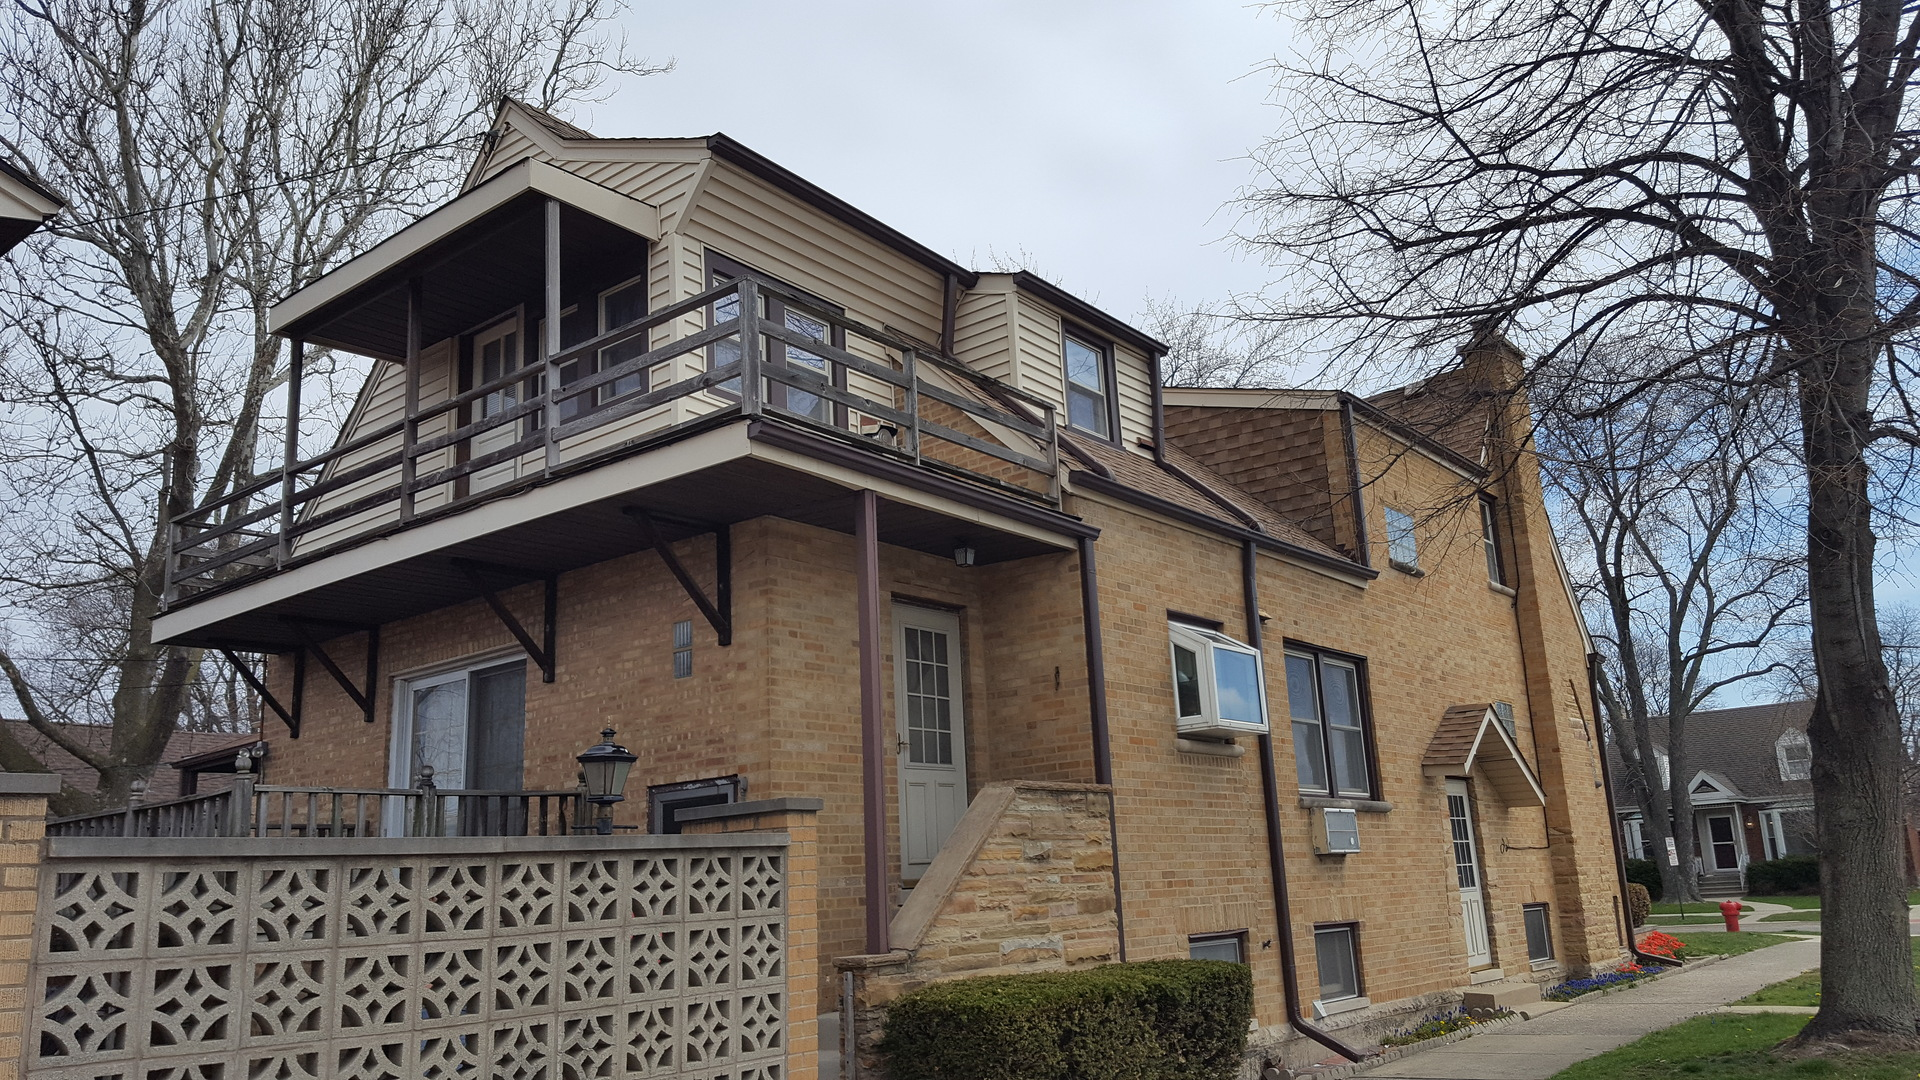 1700 North 74th, Elmwood Park, Illinois, 60707